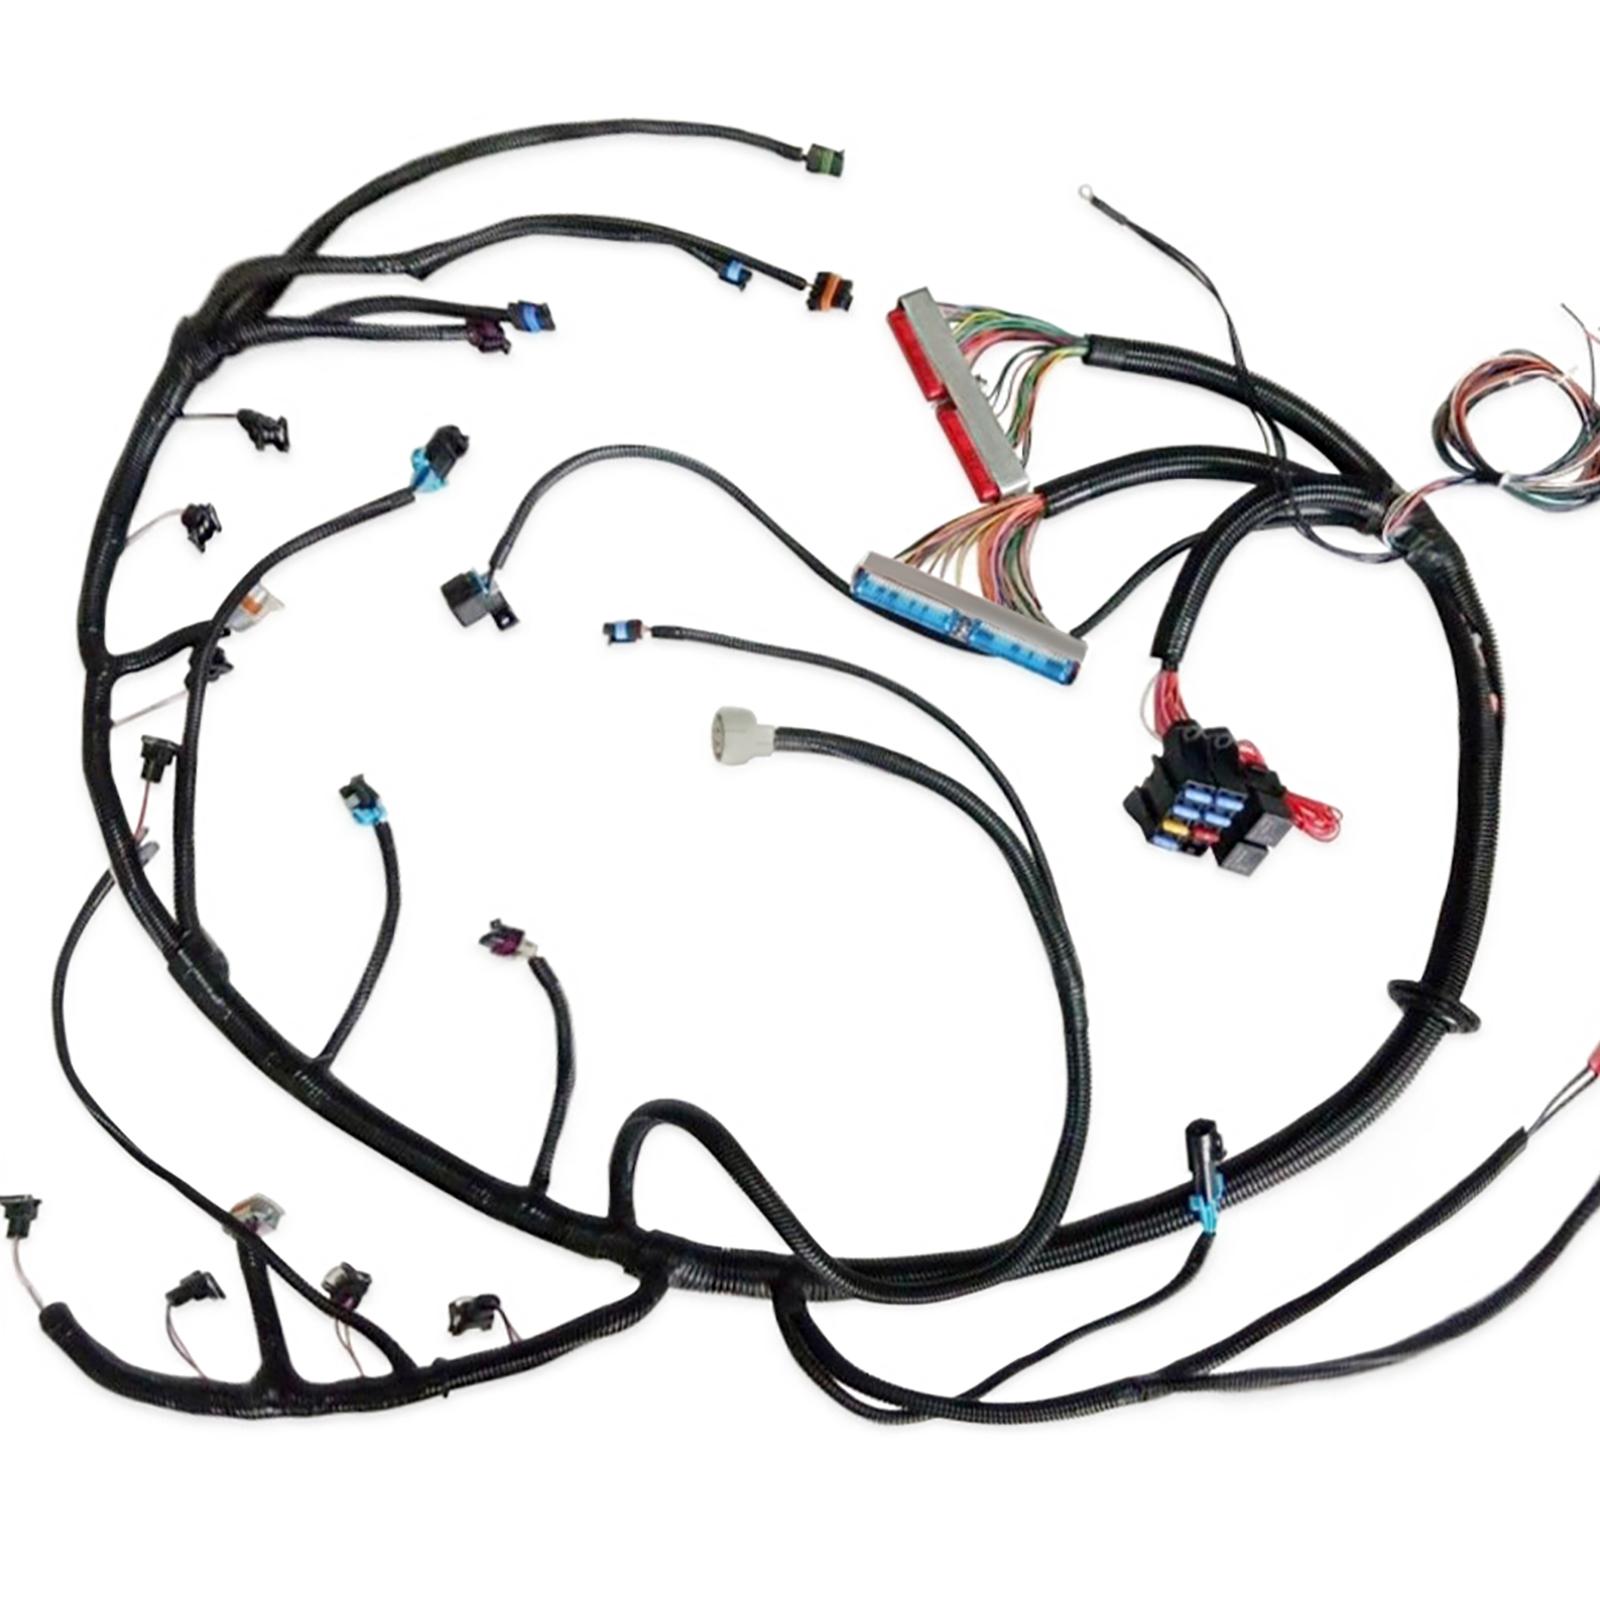 Pop Wire Harness Ls1 Lsx Vortec Standalone W